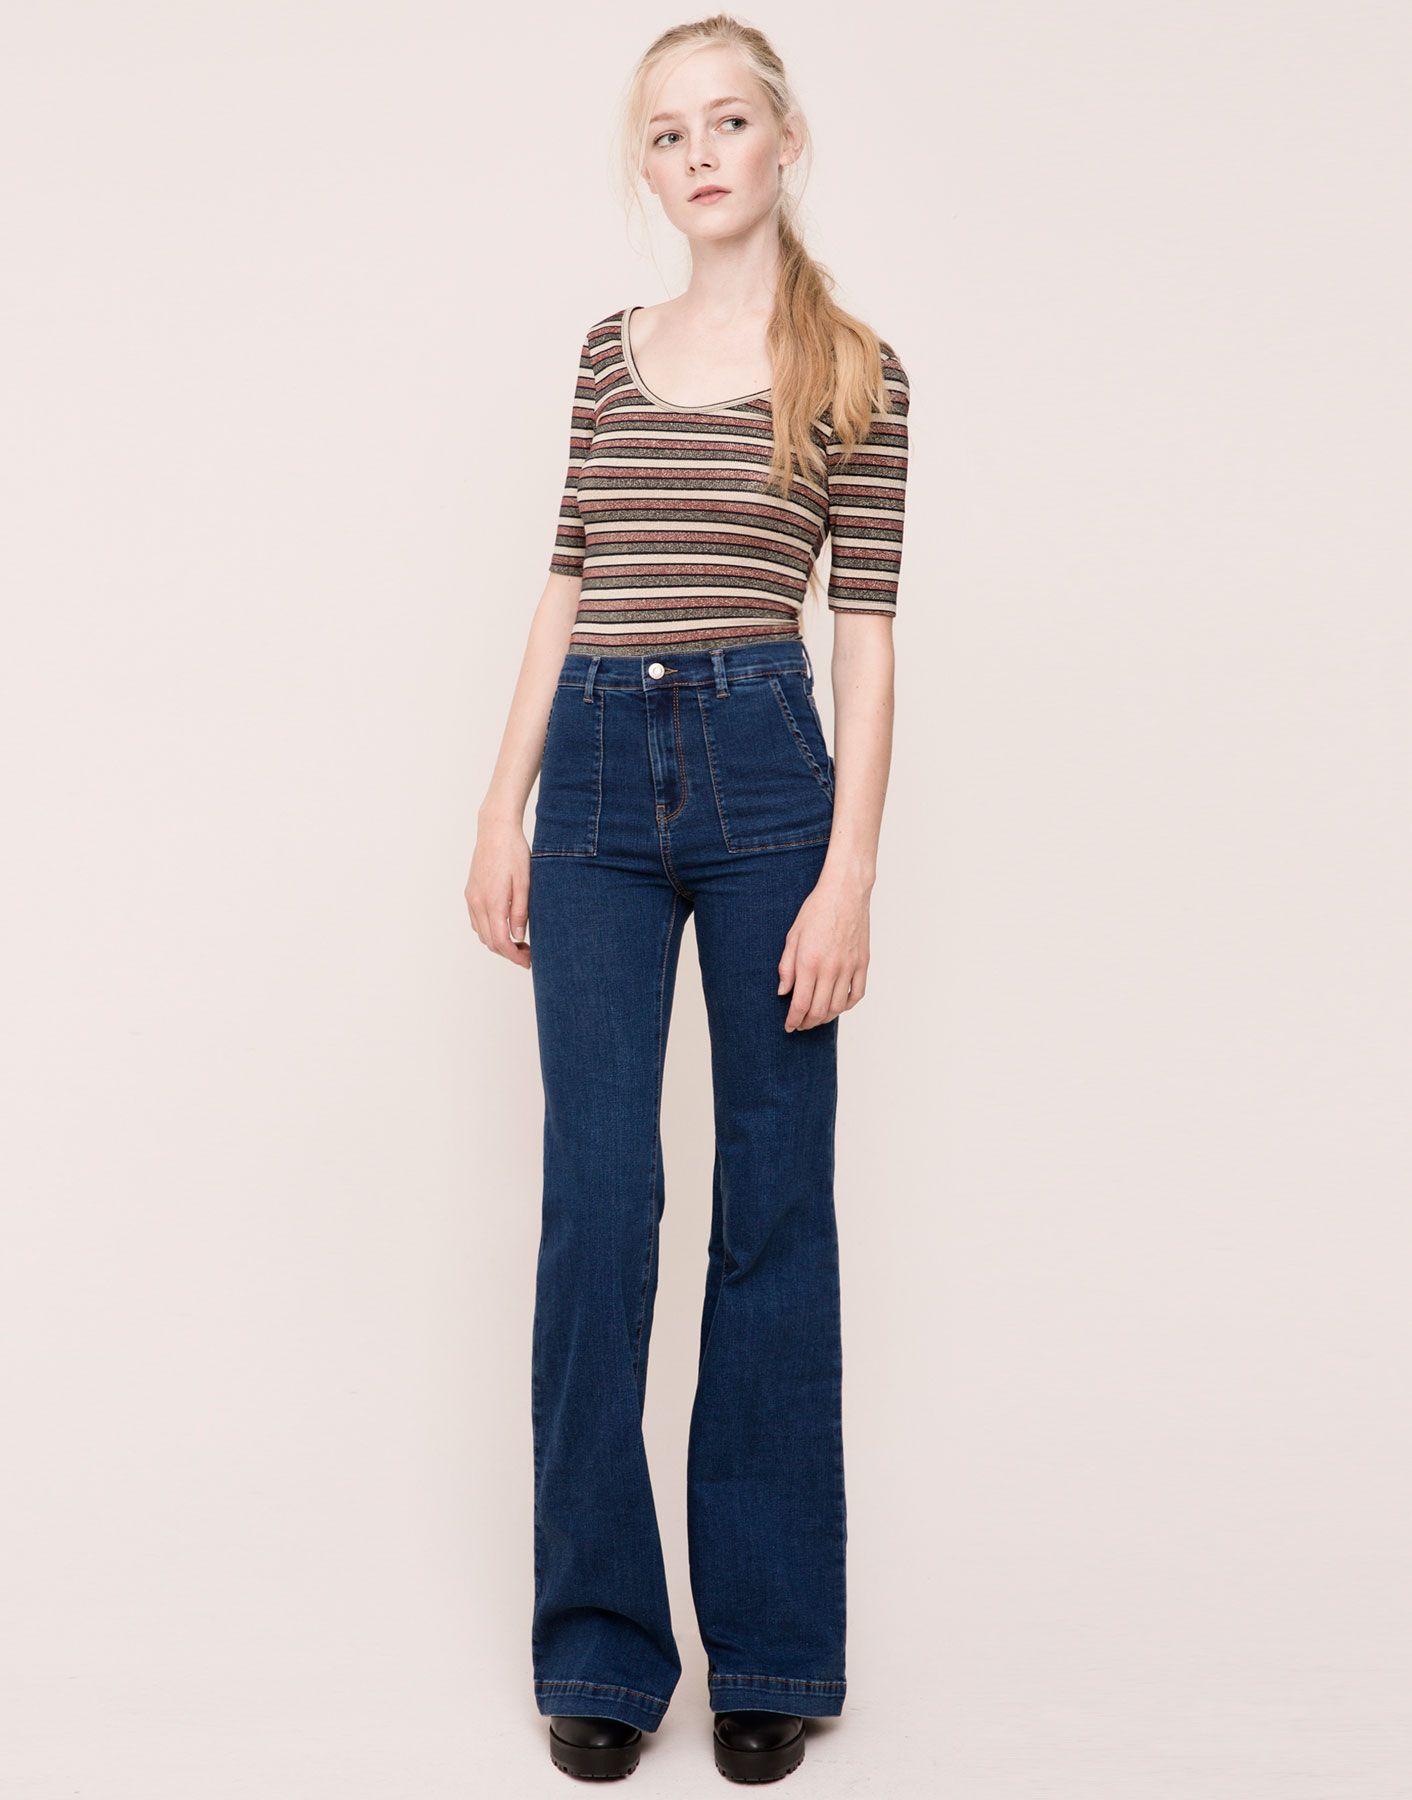 Plastrón Jeans Acampanado Elástico Bolsillo Mujer wuPTlOZkXi